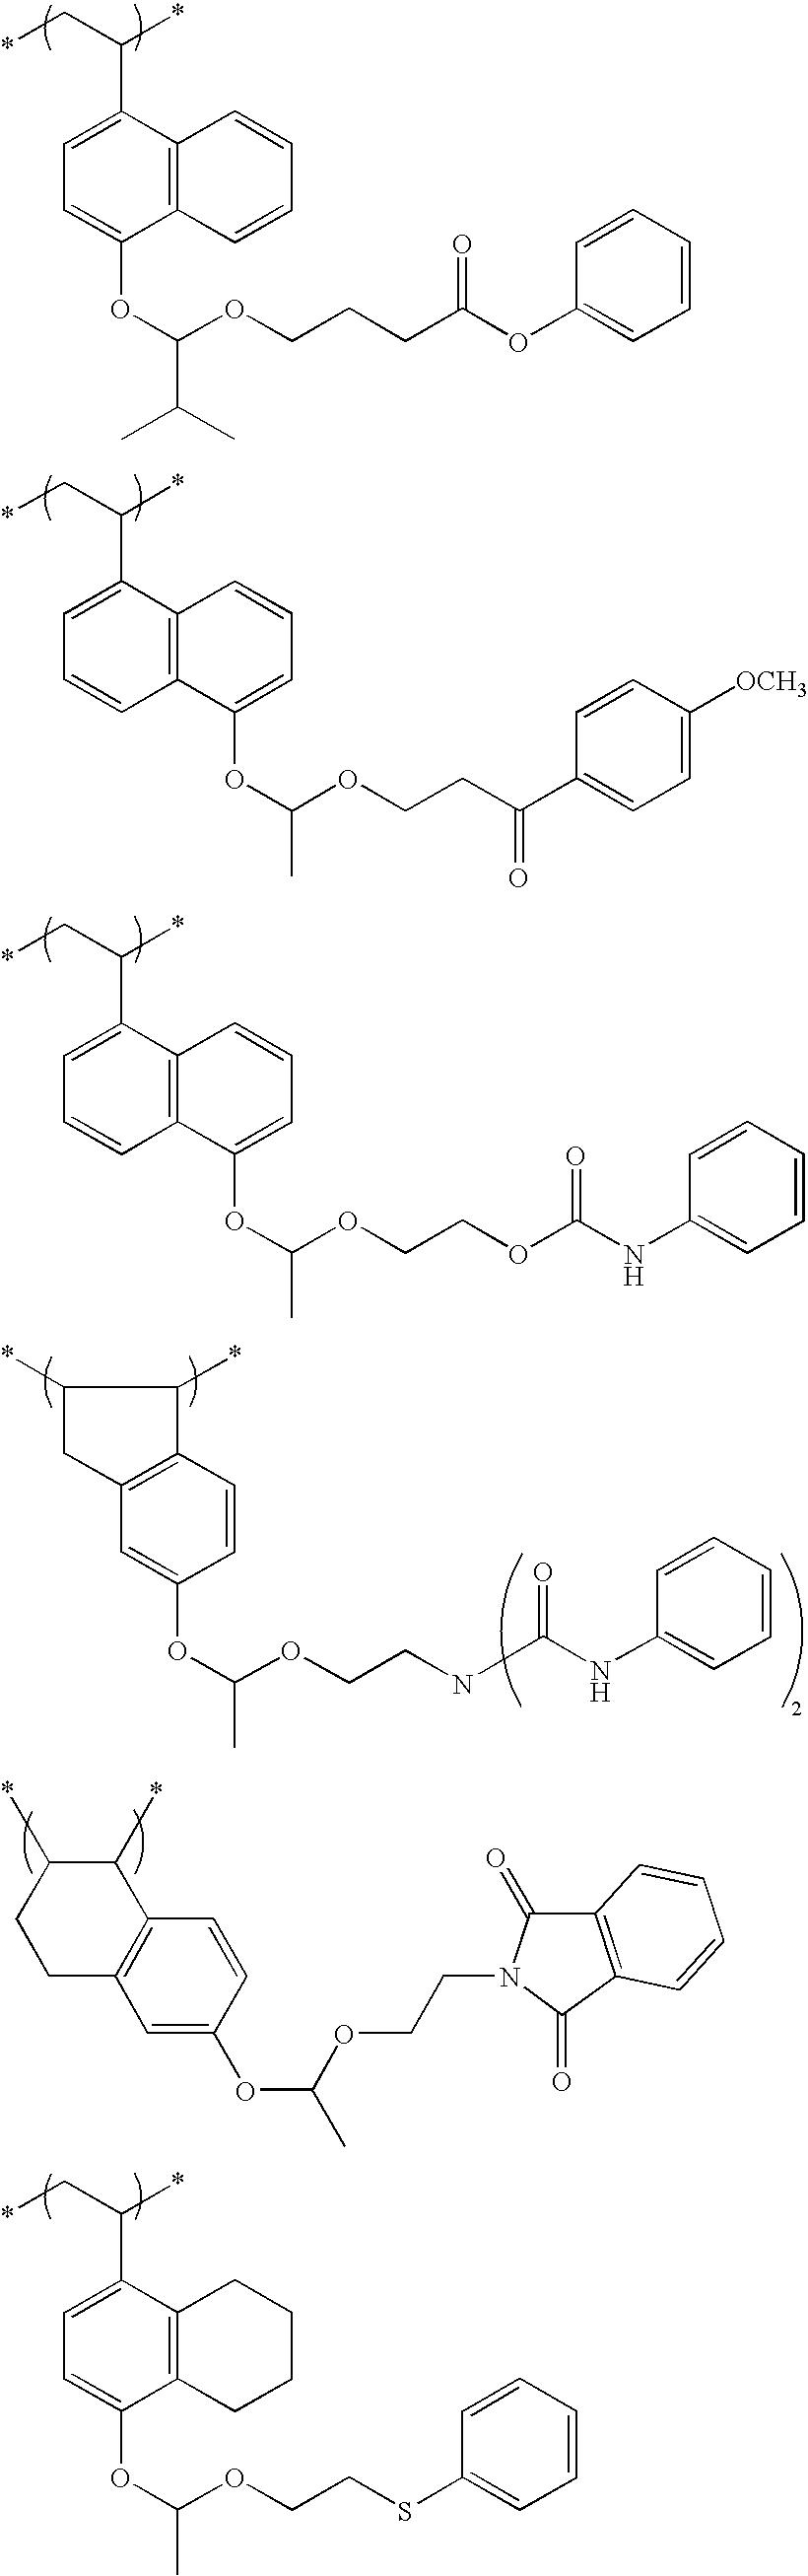 Figure US20100183975A1-20100722-C00101